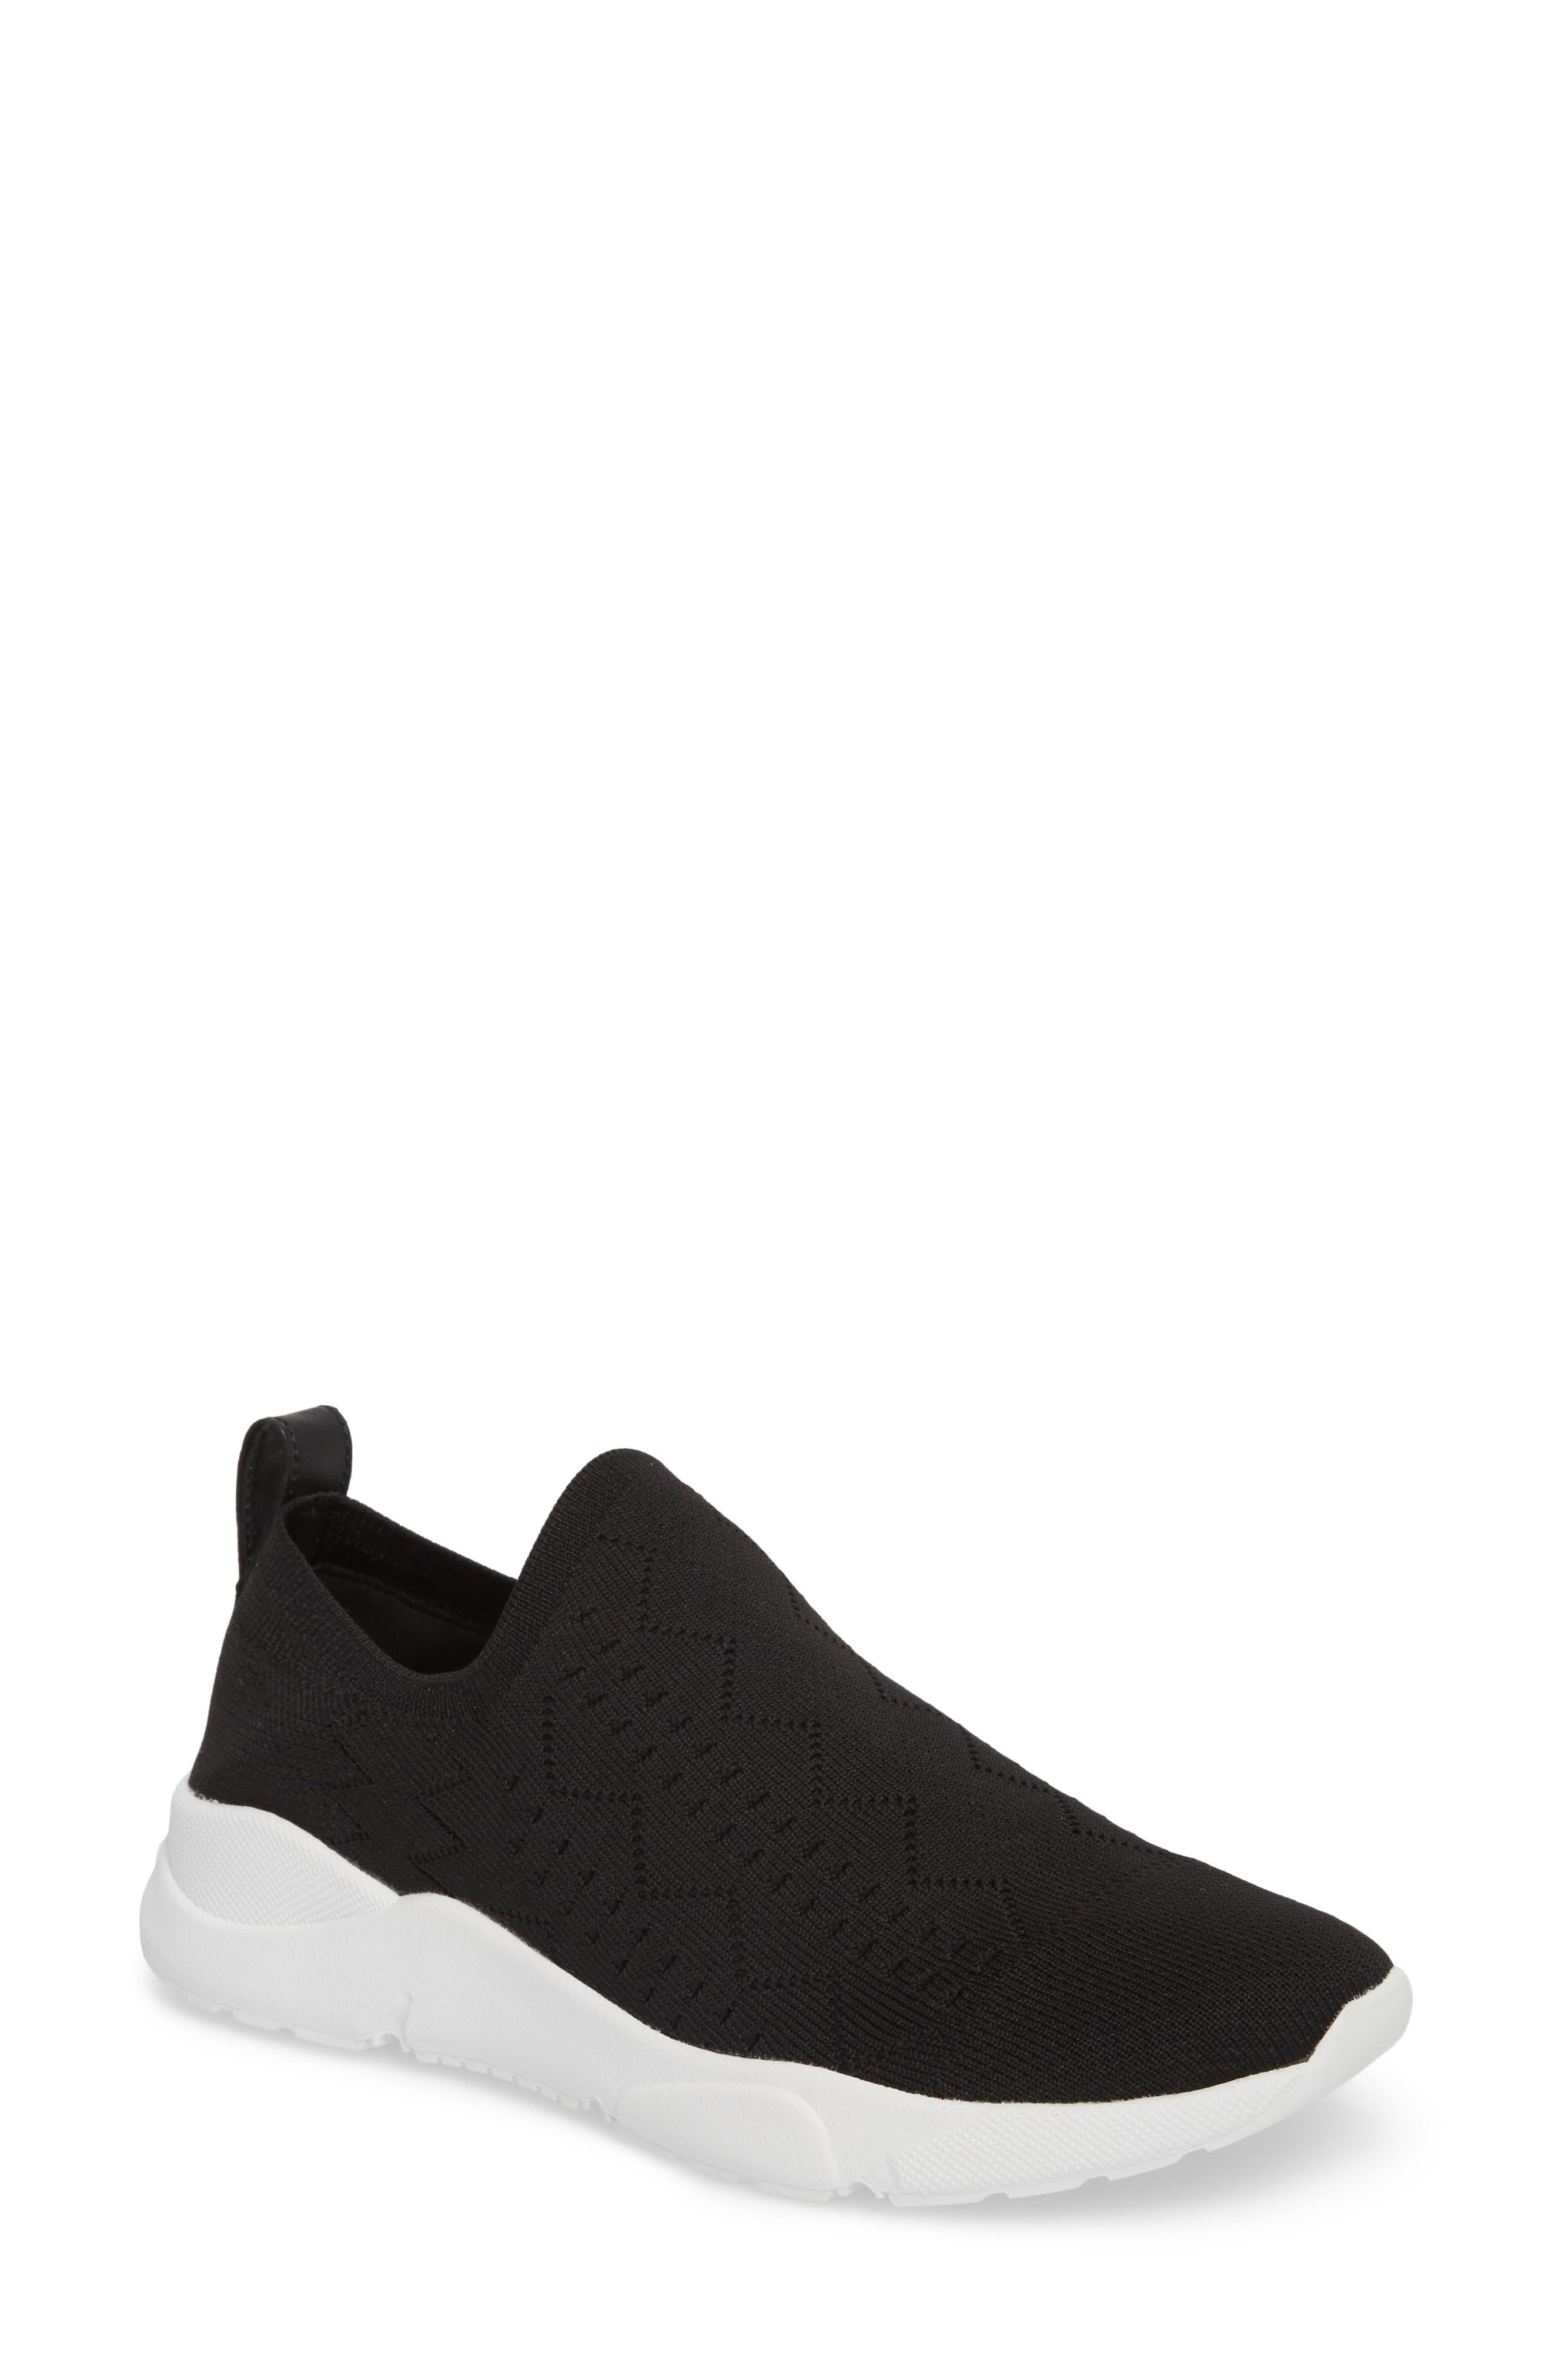 Karrie Slip-On Sneaker,                             Main thumbnail 1, color,                             001